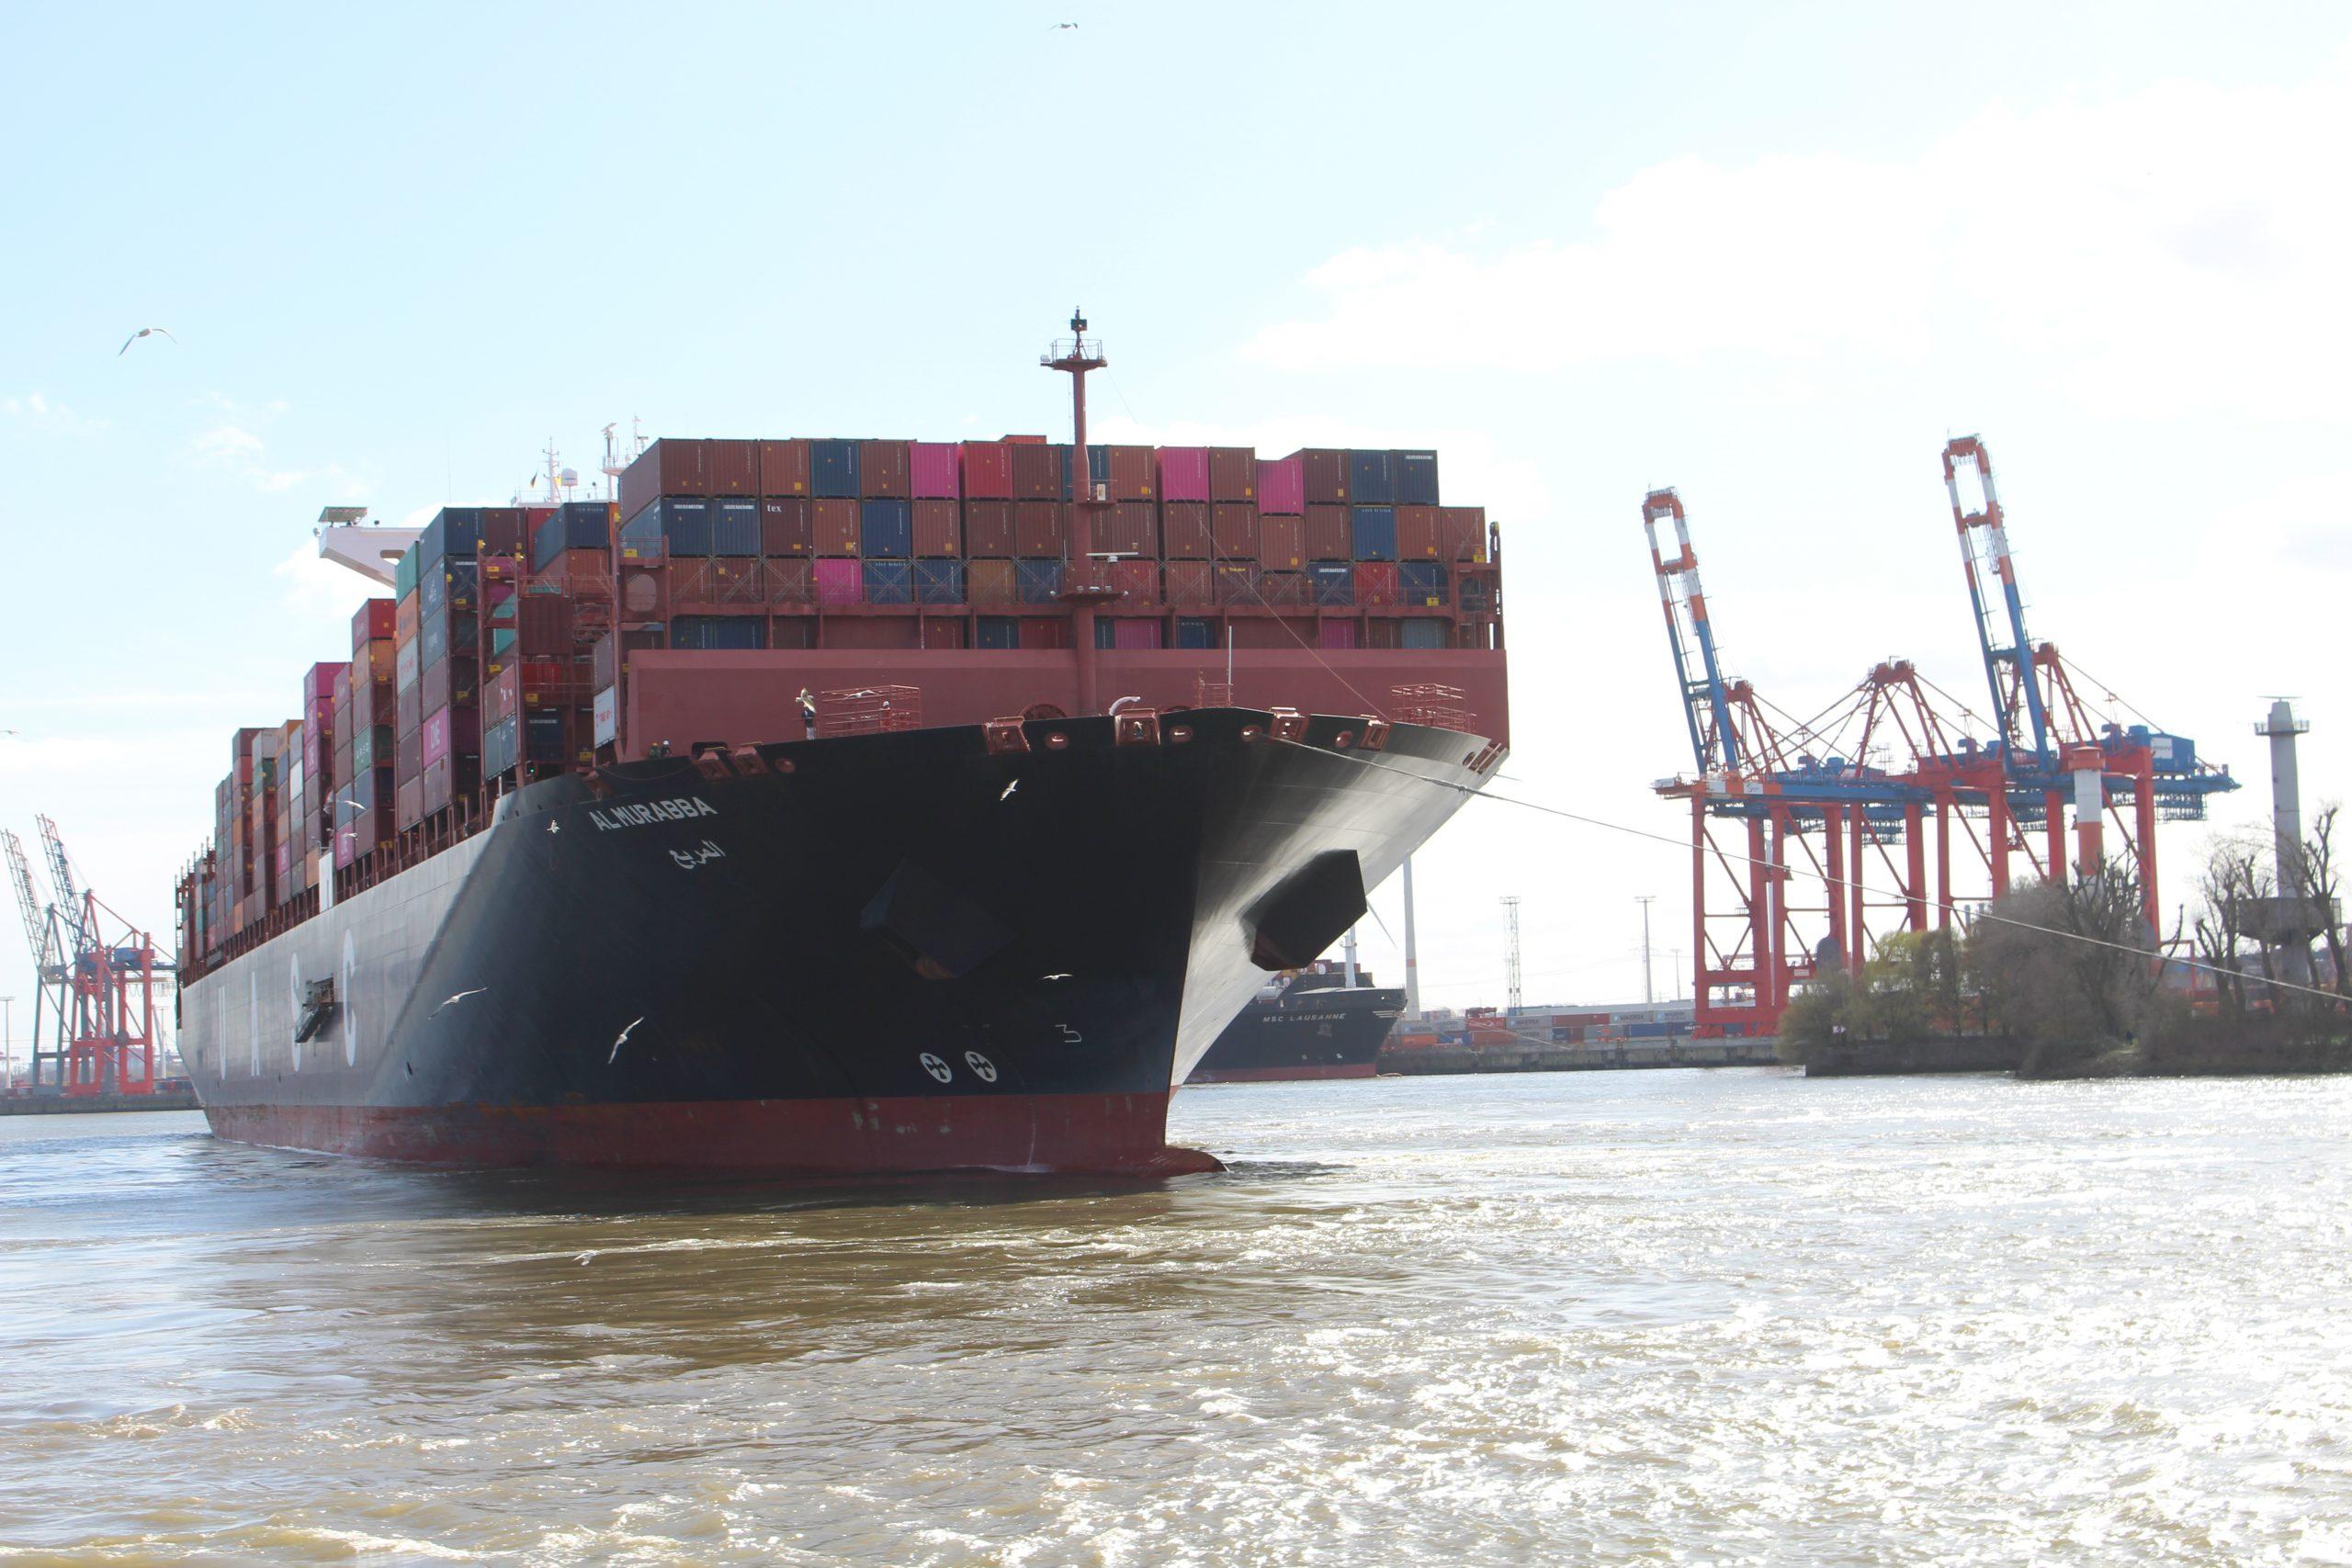 pm -Auch die Schwergewichte der Meere können in Zukunft vollbeladen den Hamburtger Hafen ansteuern